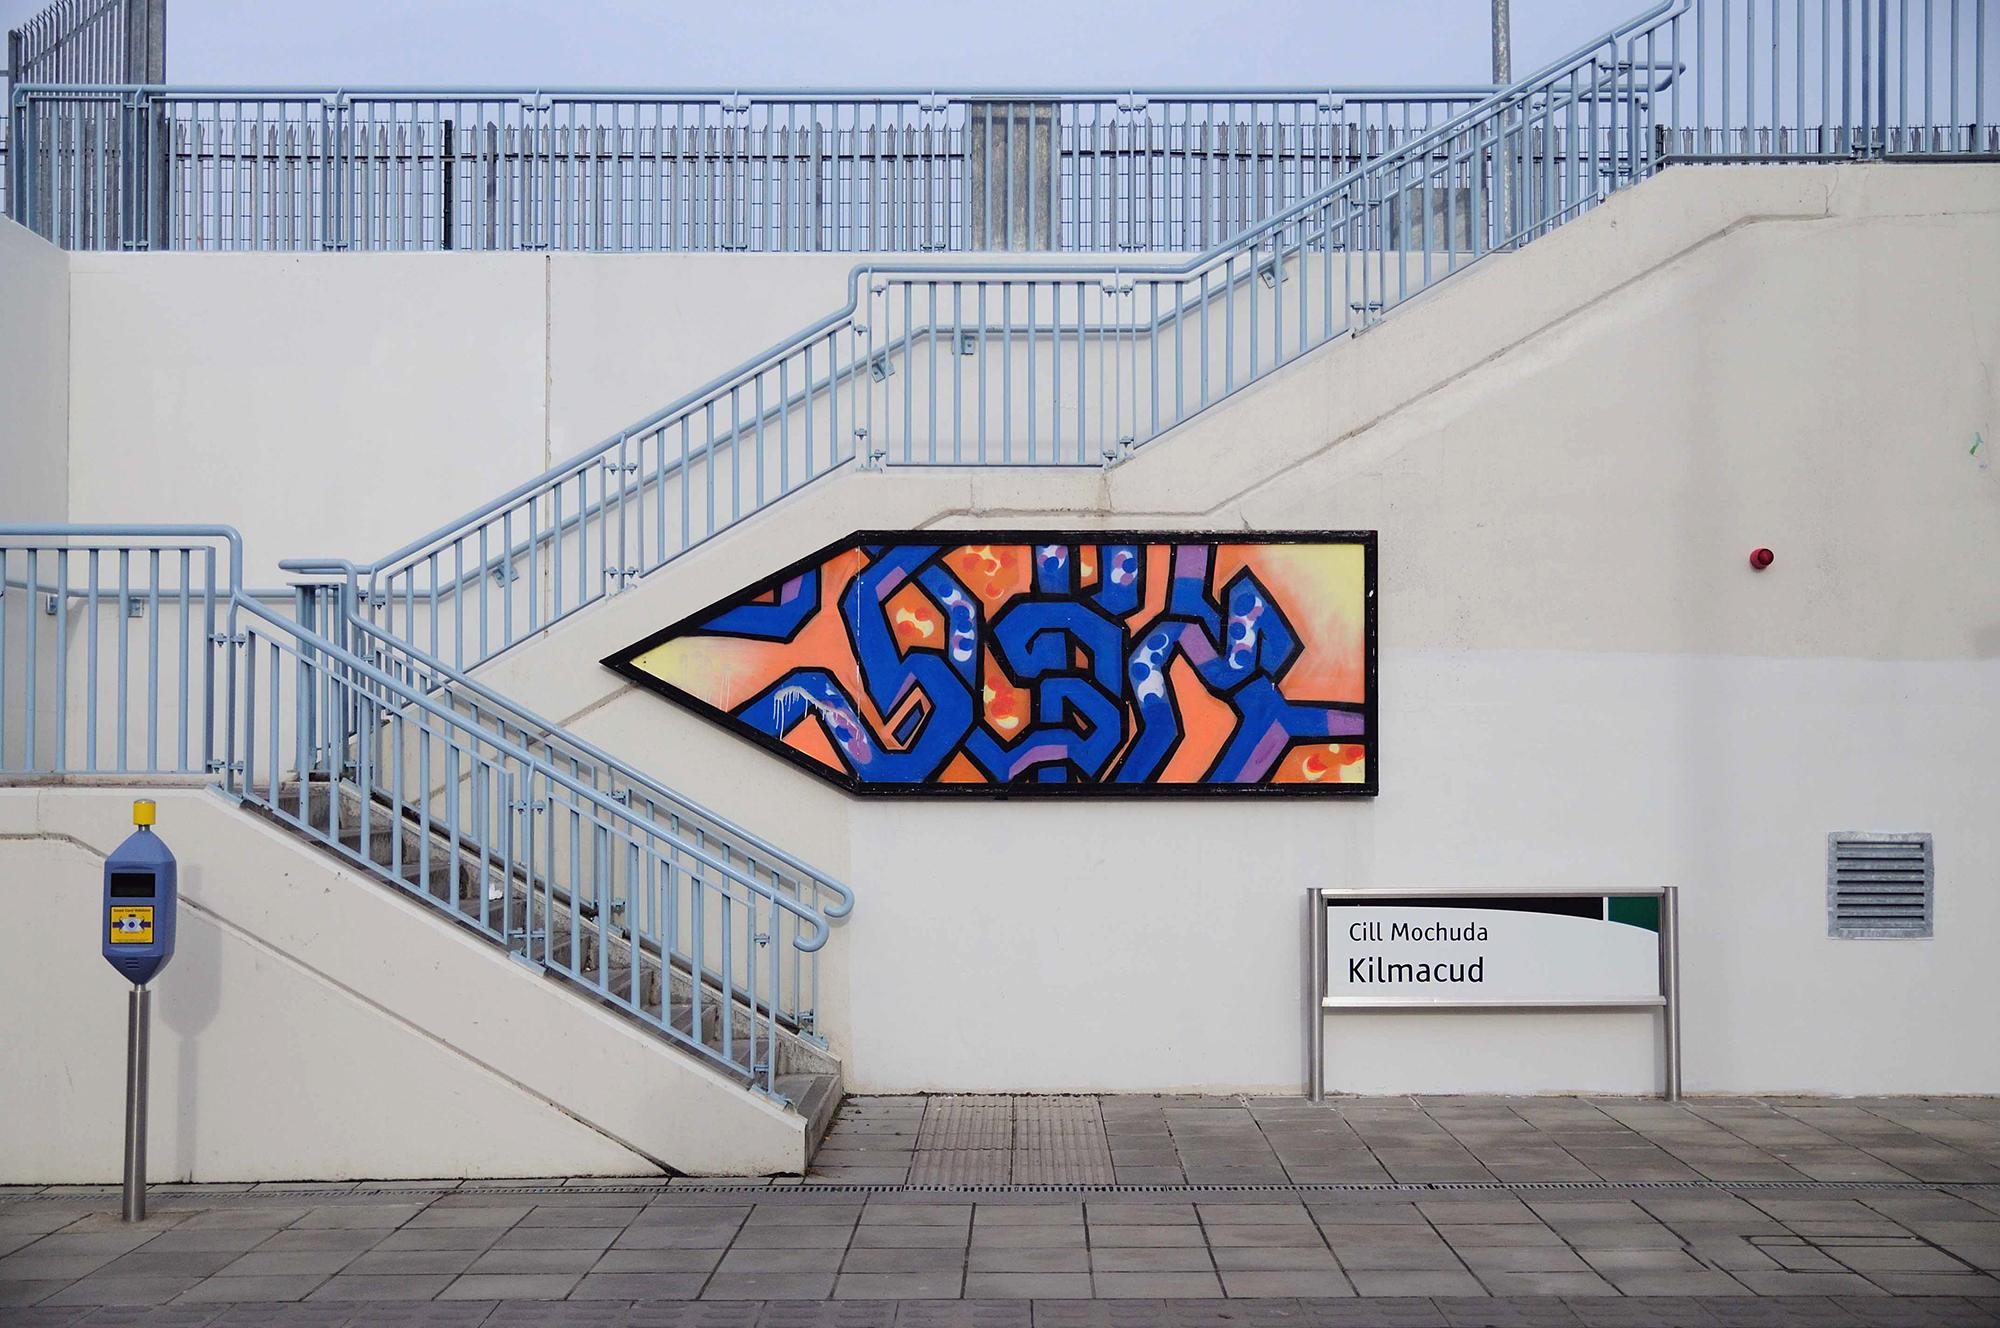 DUBLIN STATION